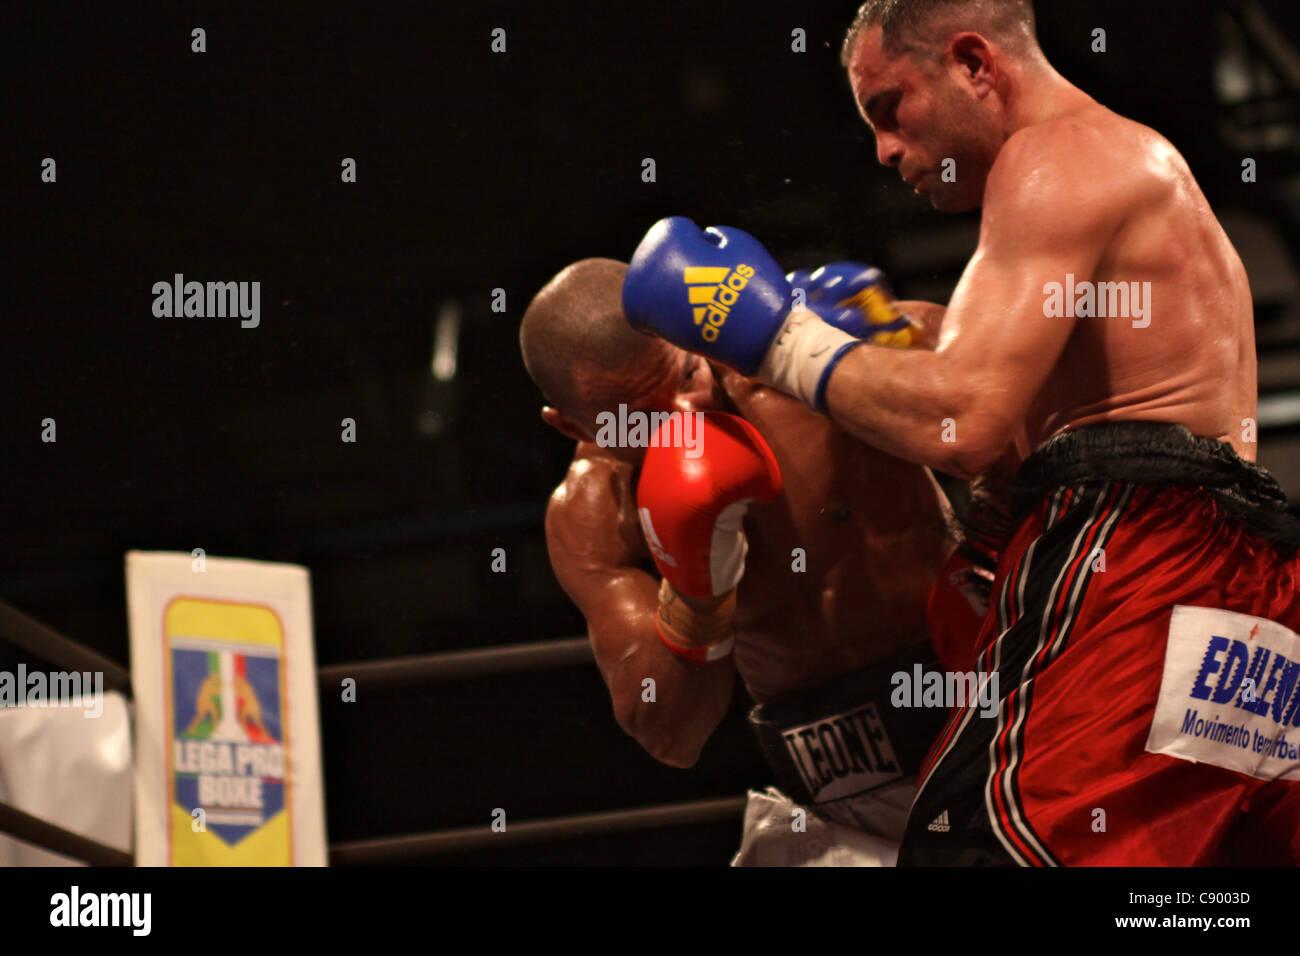 Florencia (Italia), 04/nov/2011: Bundu VS Petrucci, Peso Welter Boxeo título europeo @ Mandela Forum - Petrucci Imagen De Stock